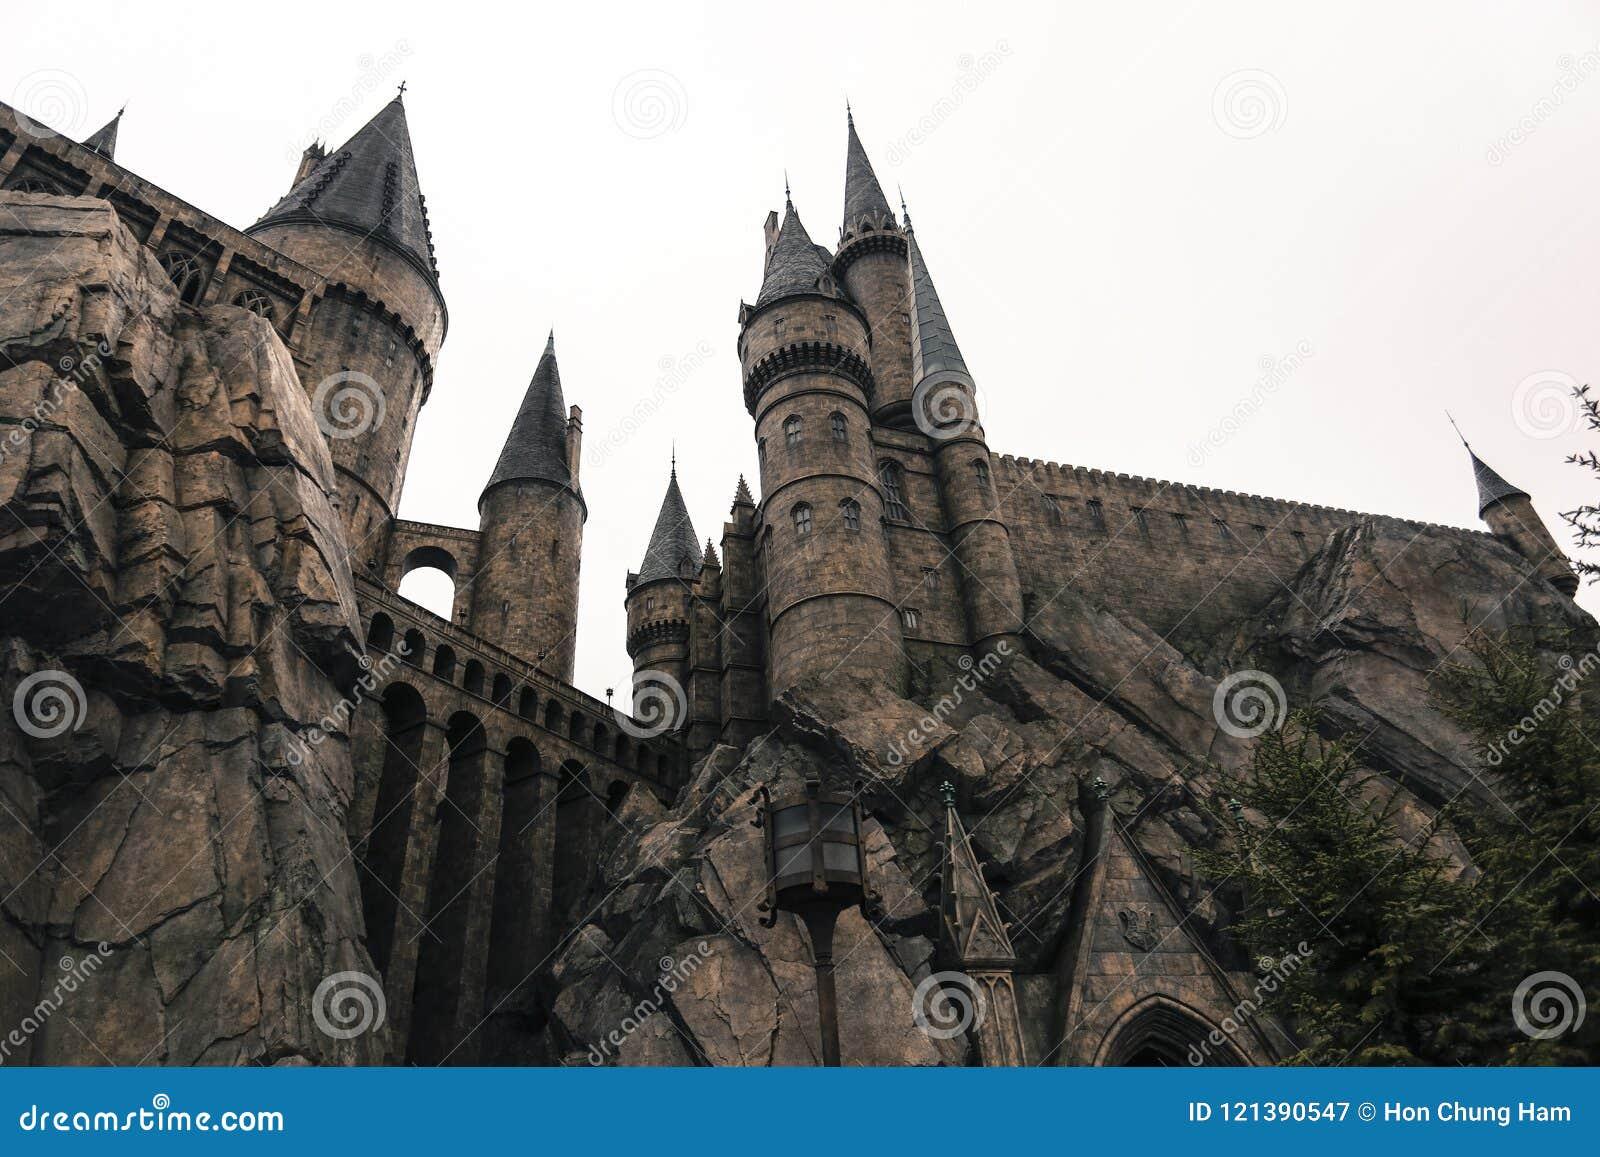 Arkitektur osaka Japan för kyrka för byggnad för slott för gammal skola för Harry Potter trollkarl medeltida